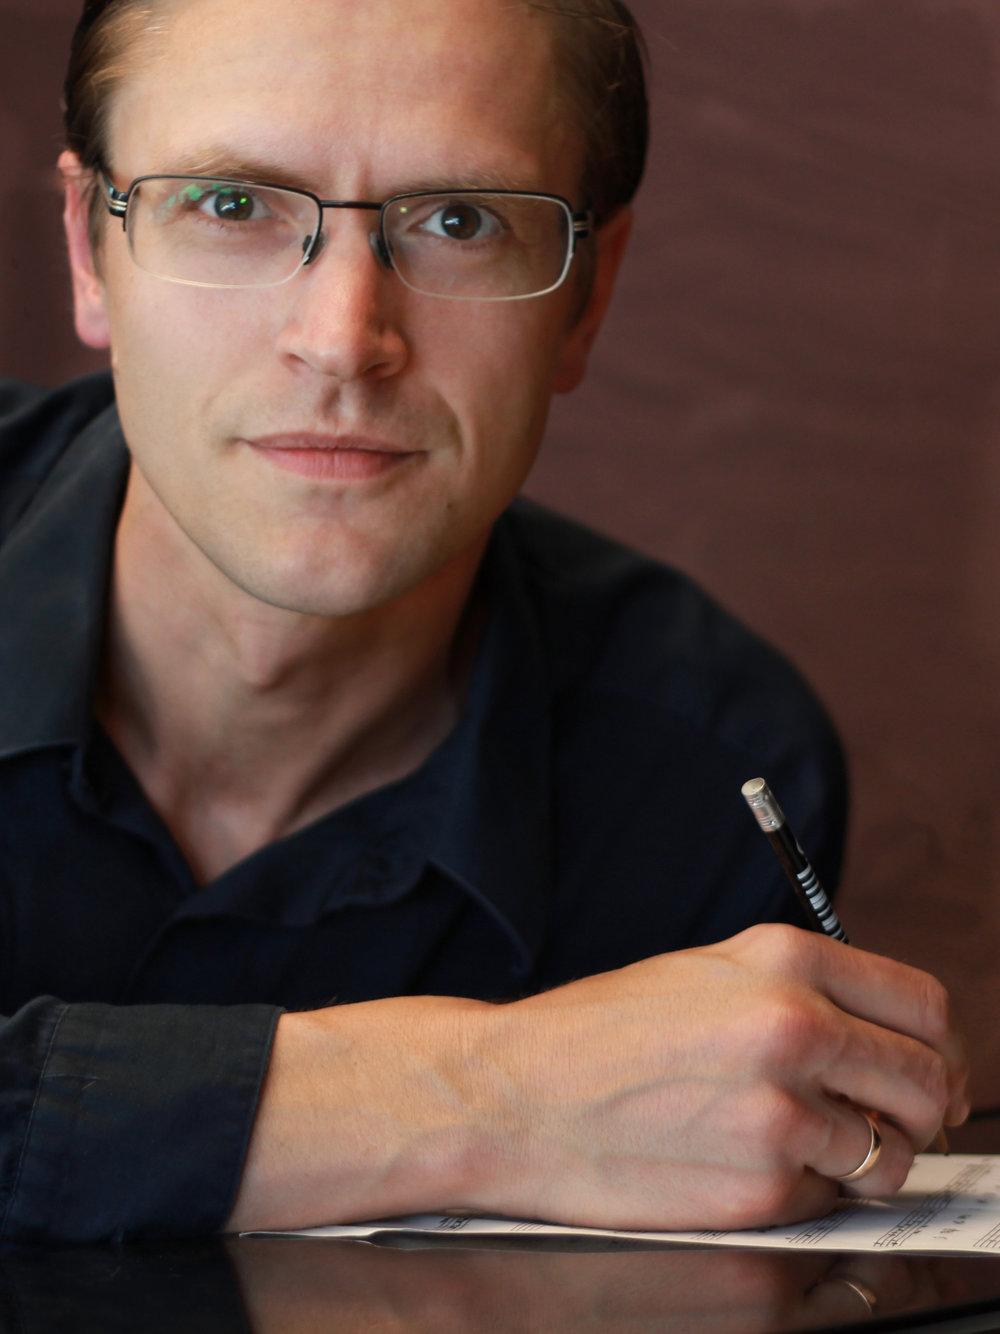 - Trond Kjelsås — piano(f. 1982) er bachelor frå Norges musikkhøgskole med jazzpiano som hovudinstrument. Han har òg ein mastergrad i musikkteknologi frå same stad. Kjelsås er lærar i jazzpiano, hovudinstrument laptop, komposisjon og musikkteori ved Oslo by steinerskole, men har òg undervist i satslære, komposisjons- og jazzpianodidaktikk ved musikkhøgskulen. Han er elles ein dedikert lys- og lydmann med oppdrag for ulike teater og institusjonar. Som musikar har han samarbeidd med profilerte artistar som Tine Thing Helseth, Frank Brodahl, Eckhard Bauer, Børre Dalhaug og Håvard Bakke. I ein periode konserterte han òg med den norske gruppa The Pussycats.